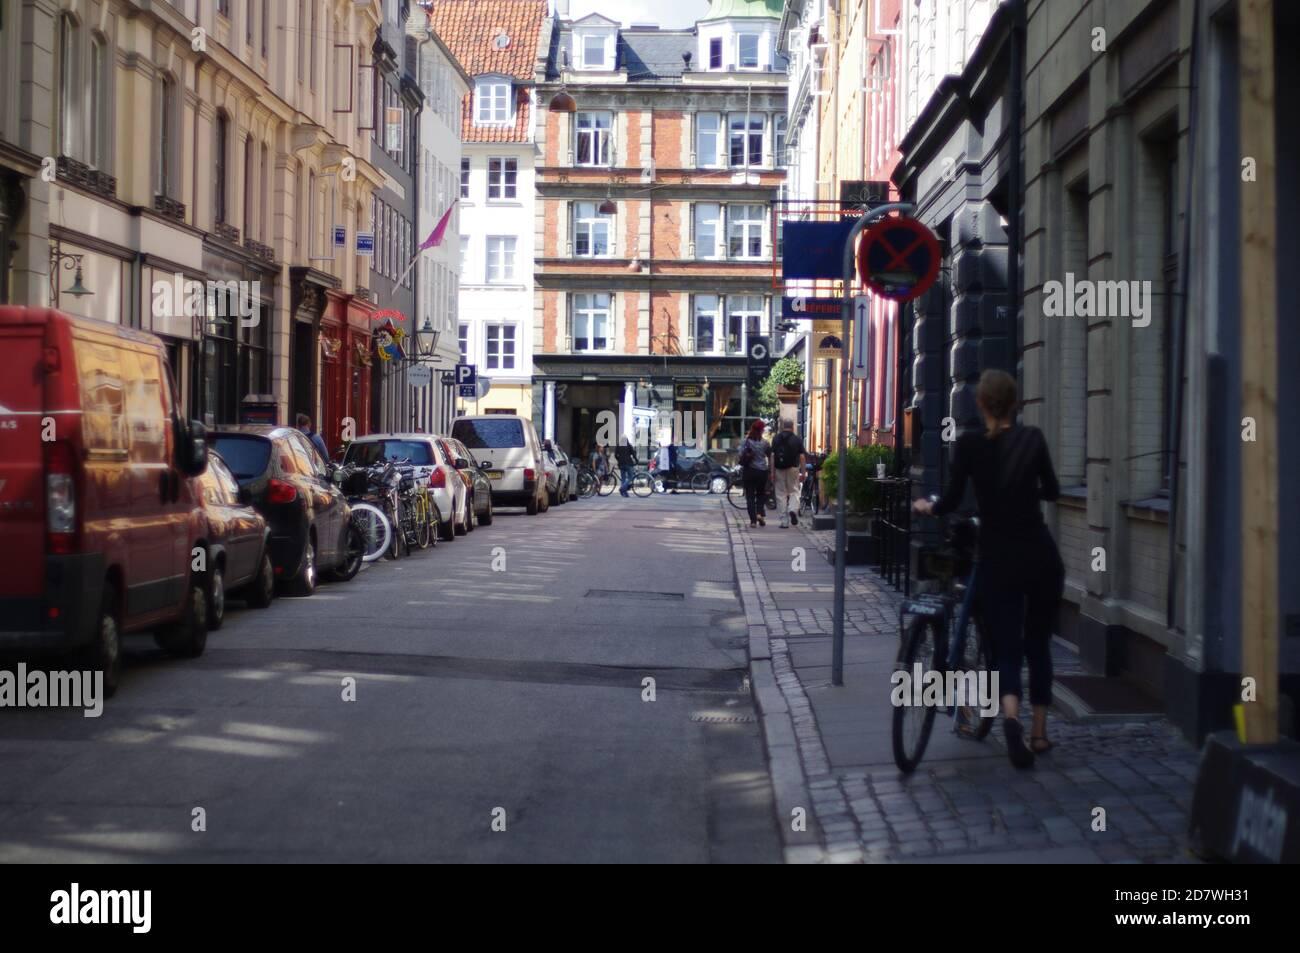 Escena callejera, Copenhague, Dinamarca, Kobenhavn, Danmark Foto de stock